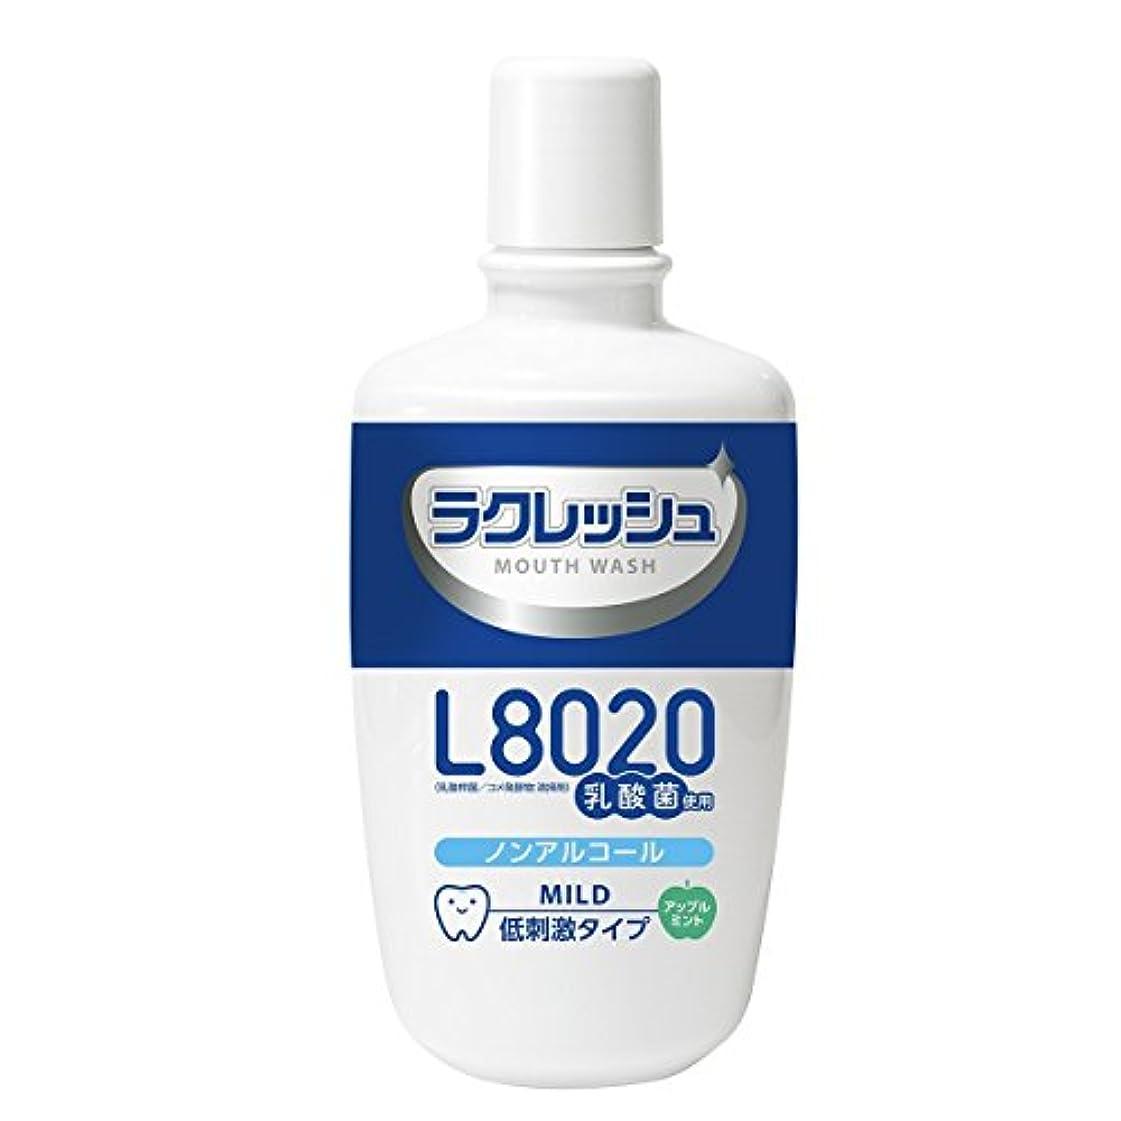 助けになるイーウェル競うラクレッシュ L8020菌 マウスウォッシュ 3本セット (マイルド)